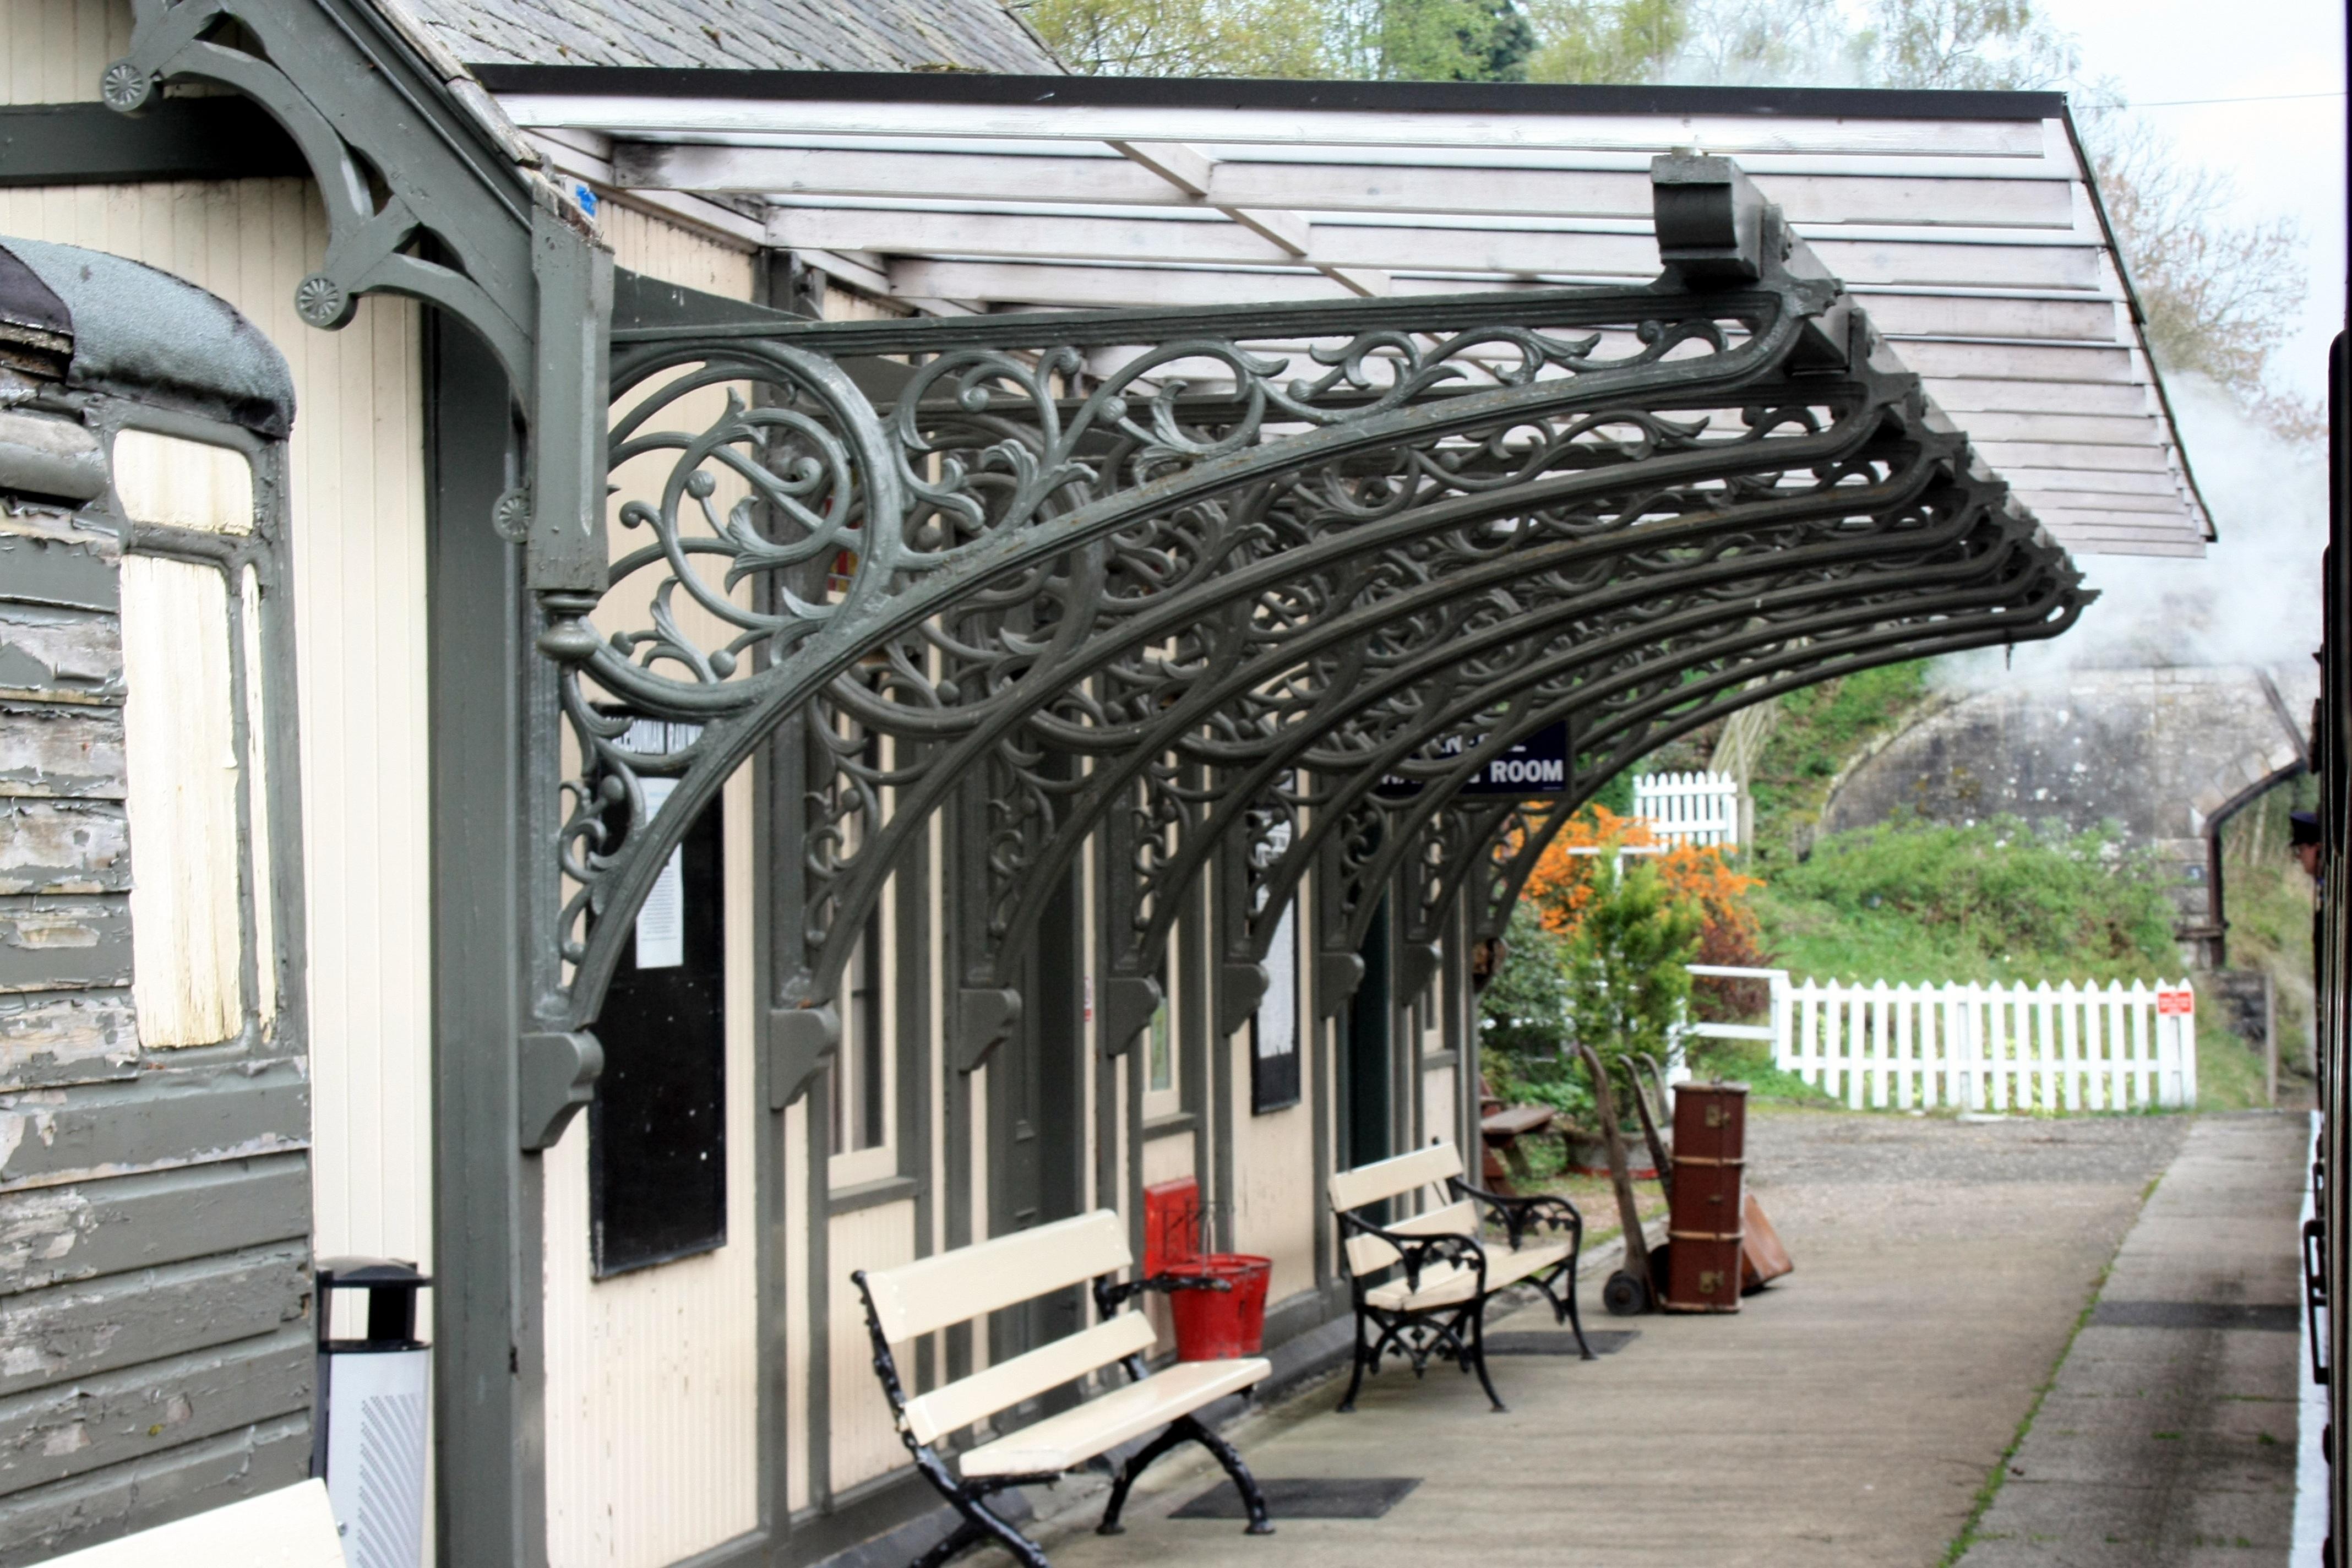 pista ferrocarril ferrocarril vendimia asientos antiguo carril viajar conmutar transporte arco esperando pabellon estacion plataforma propiedad